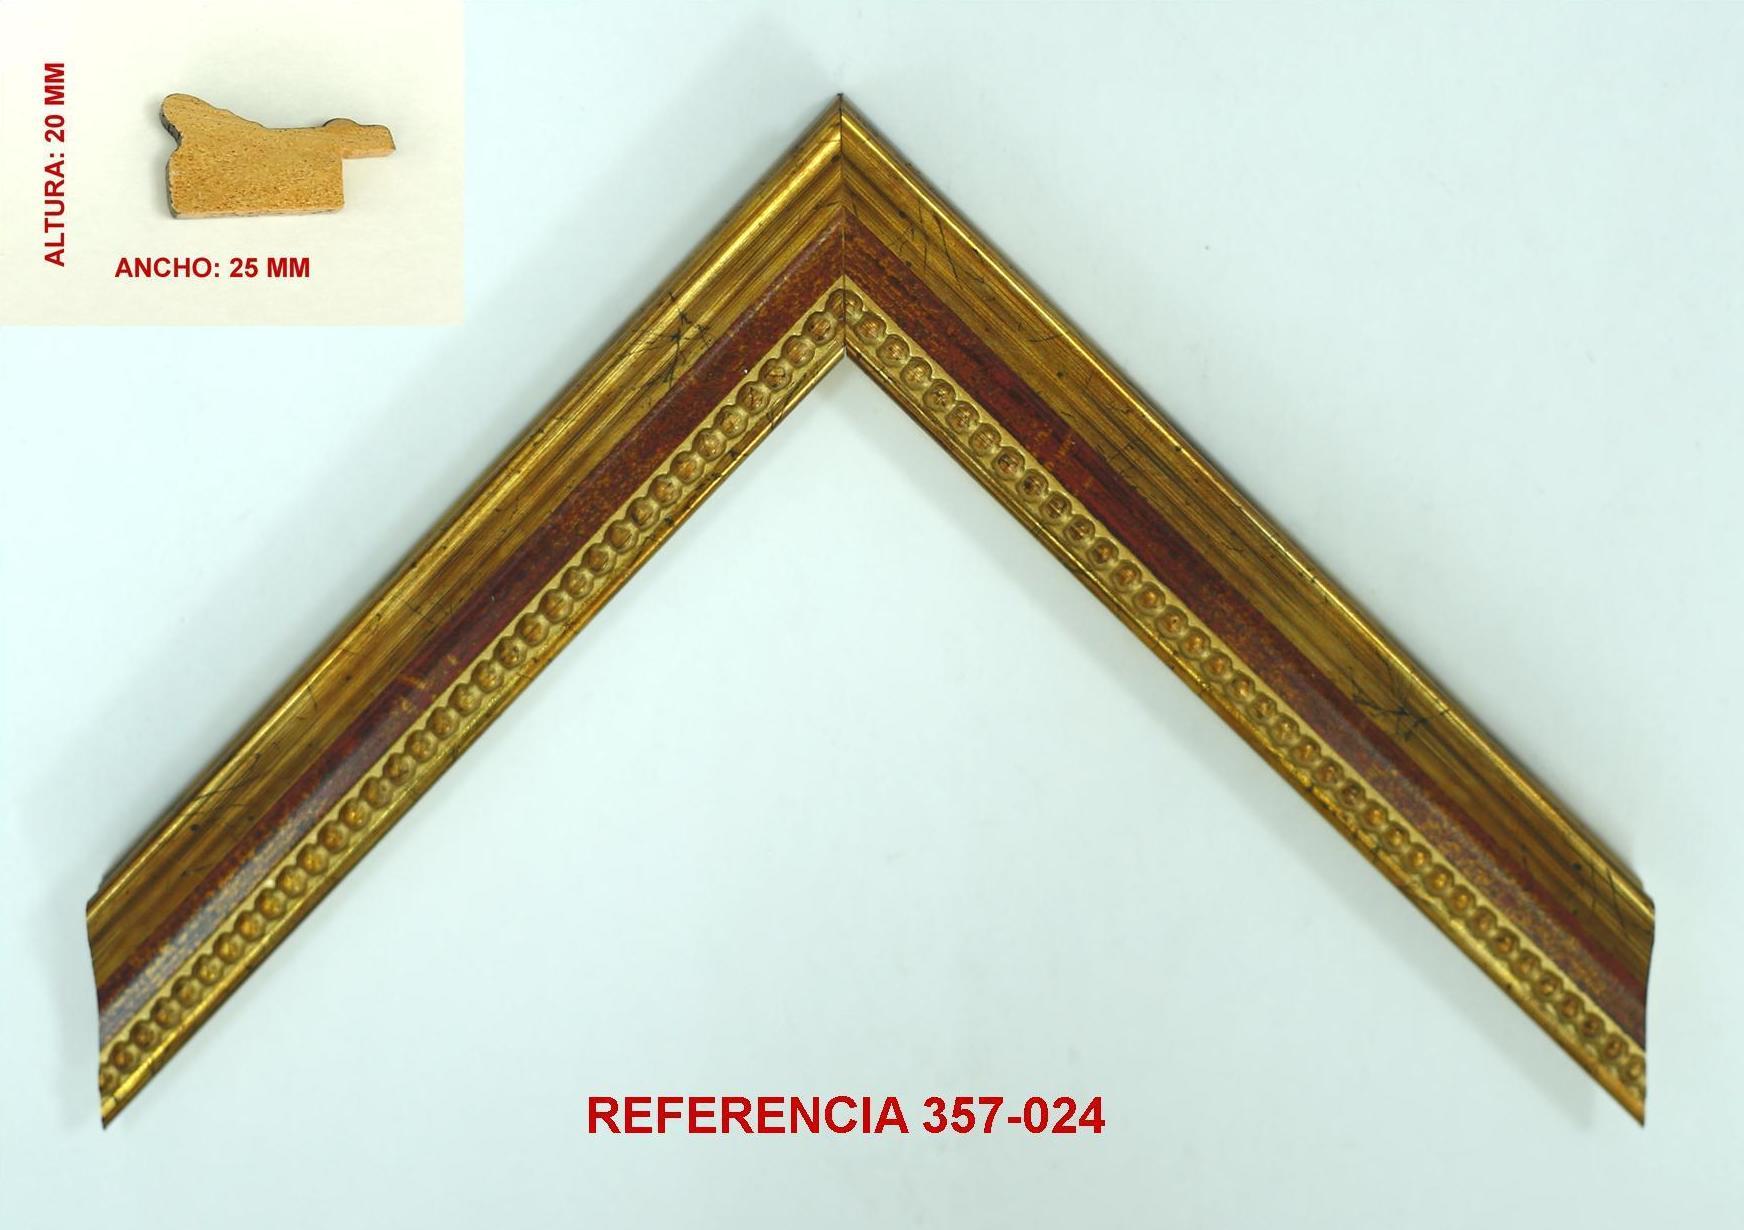 REF 357-024: Muestrario de Moldusevilla